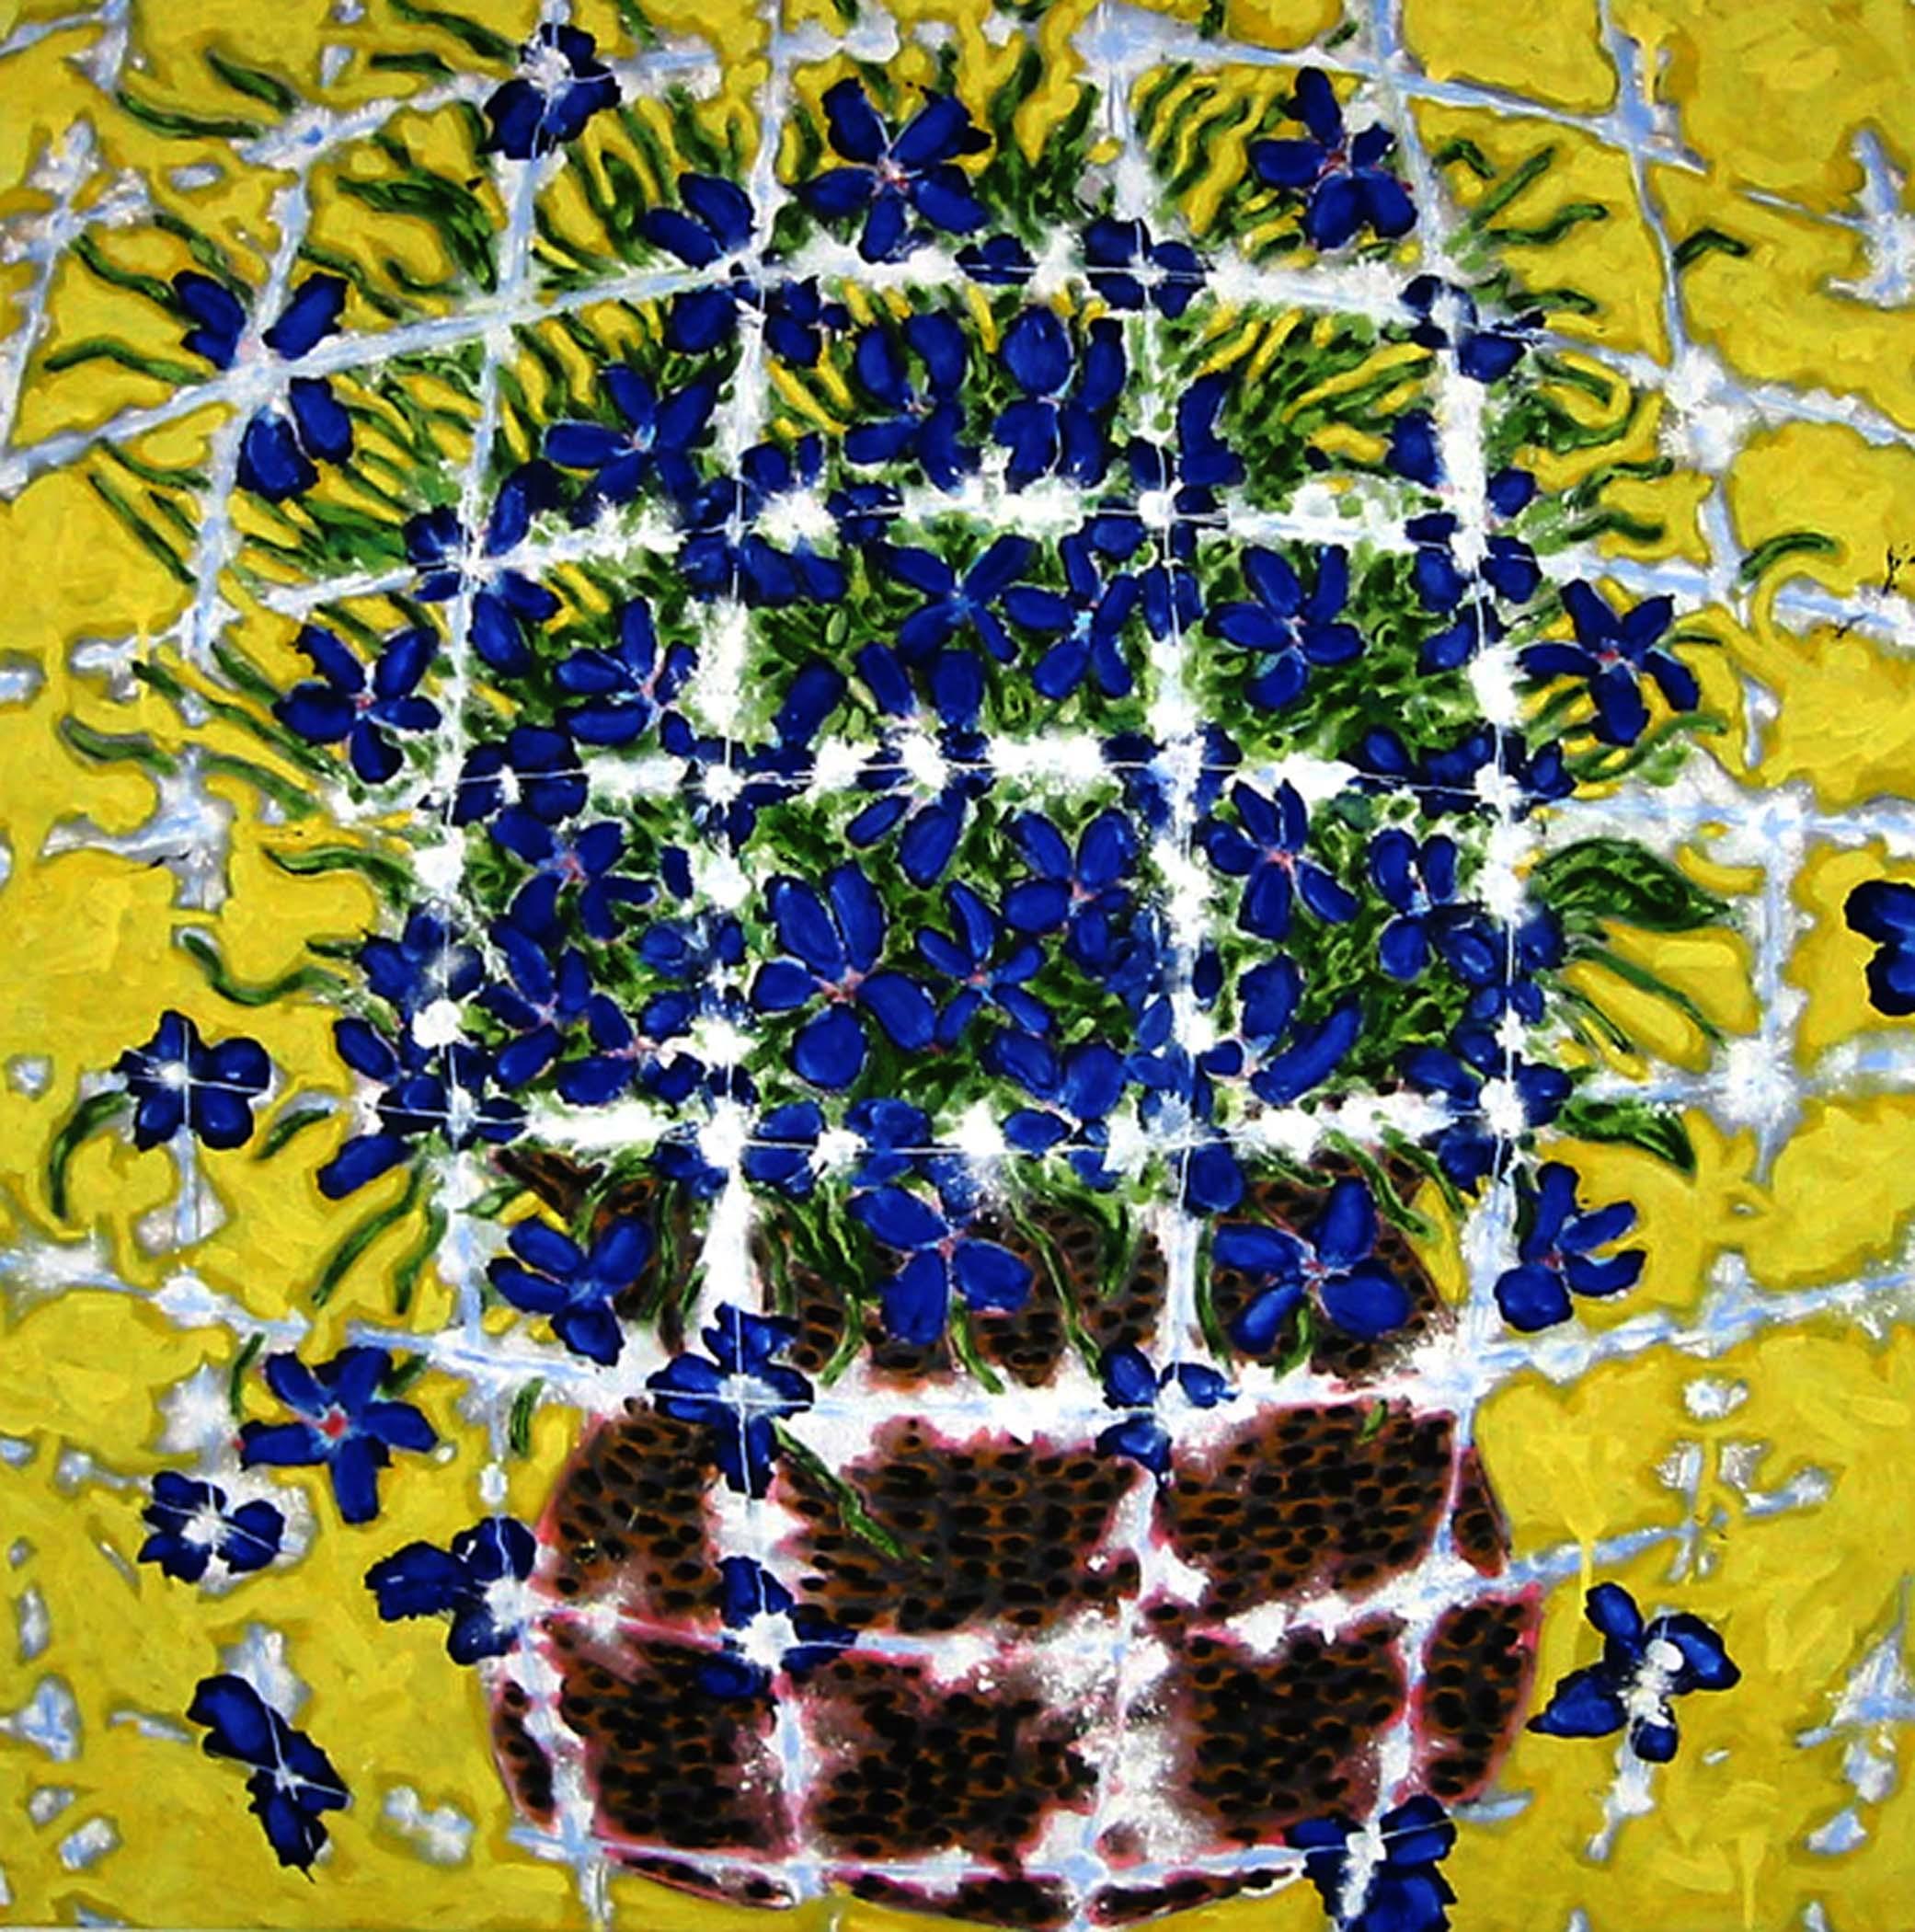 """Pot de fleurs qui explose / Exploding flower pot,  2002, huile sur toile / oil on canvas, 36""""x 36"""", 91 x 91 cm."""